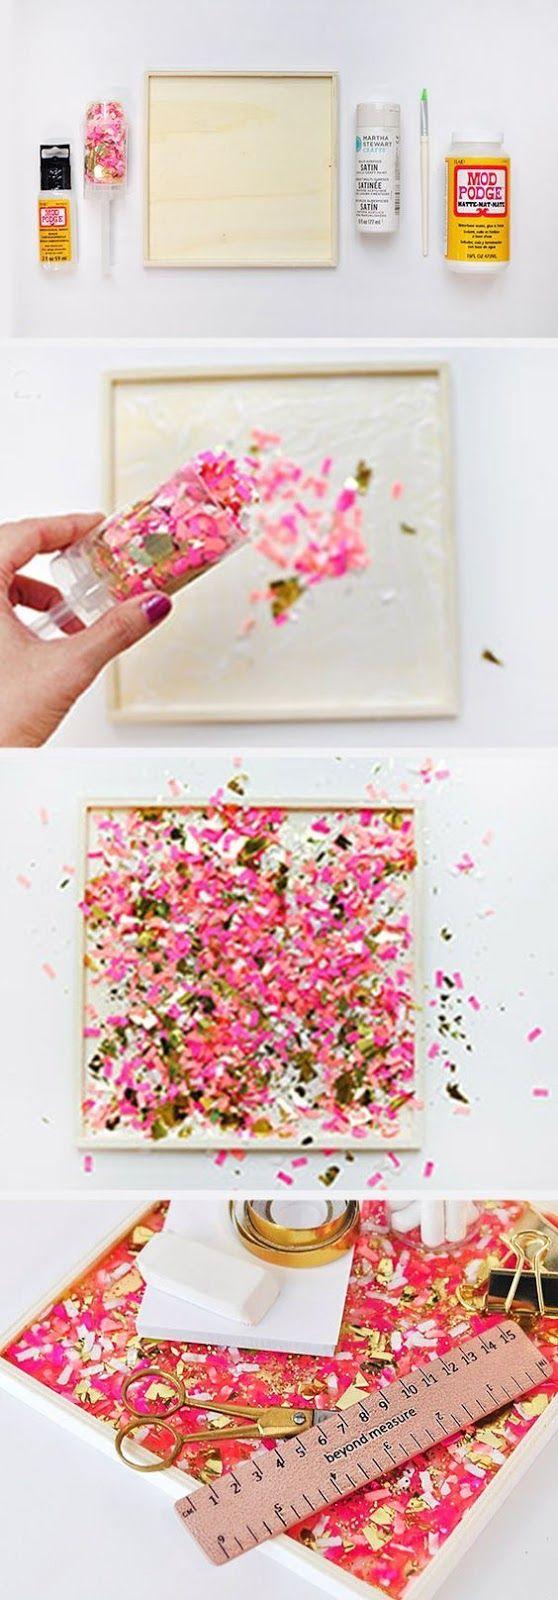 Como Decorar Mi Cuarto Yo Misma Decoraciones Modernas - Como-decorar-un-cuarto-juvenil-femenino